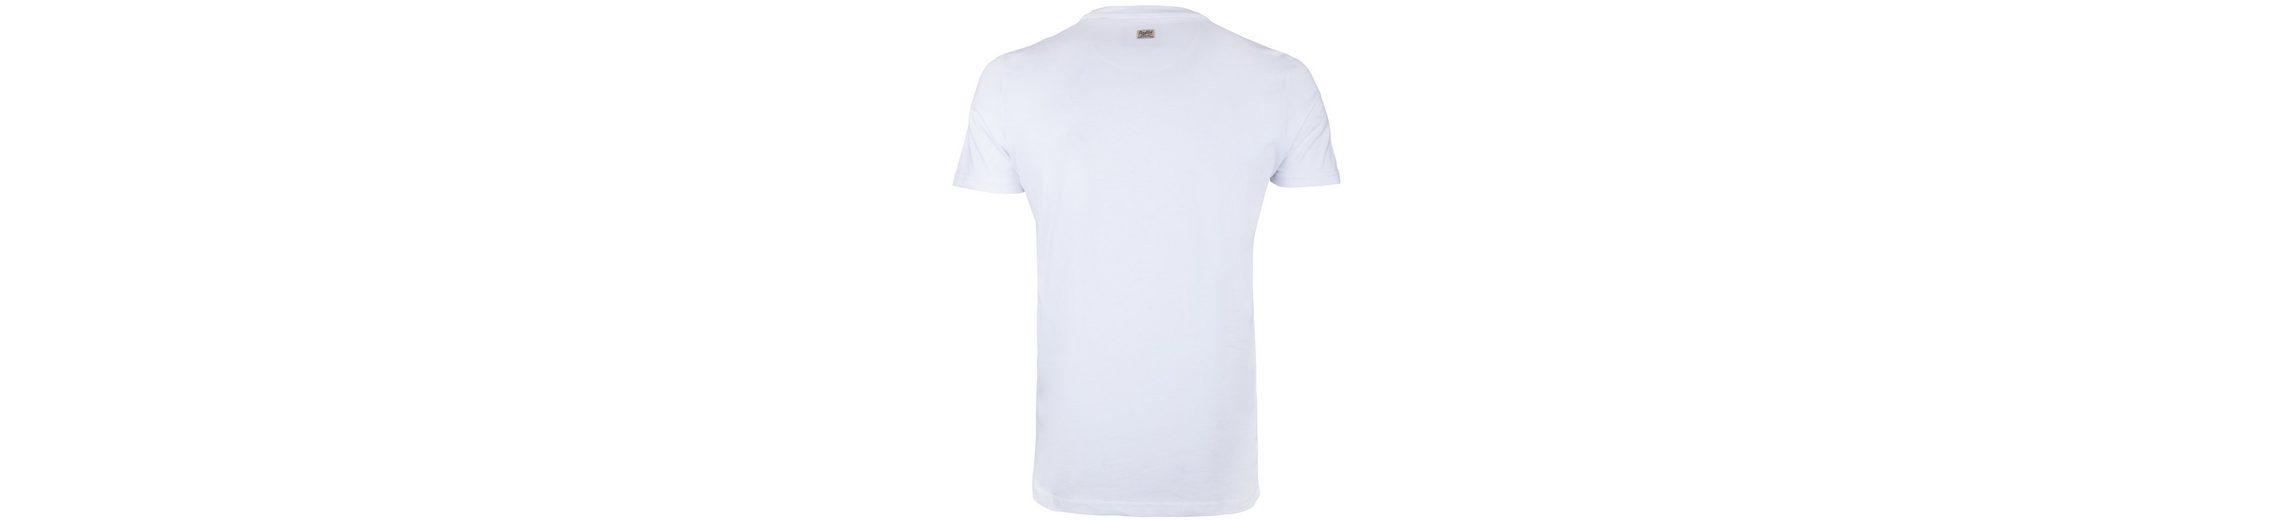 Billig Verkauf Beliebt Online Gehen Authentisch Verkauf Petrol Industries T-Shirt Erscheinungsdaten Online Finish Online Spielraum Aus Deutschland Zq7InyaI